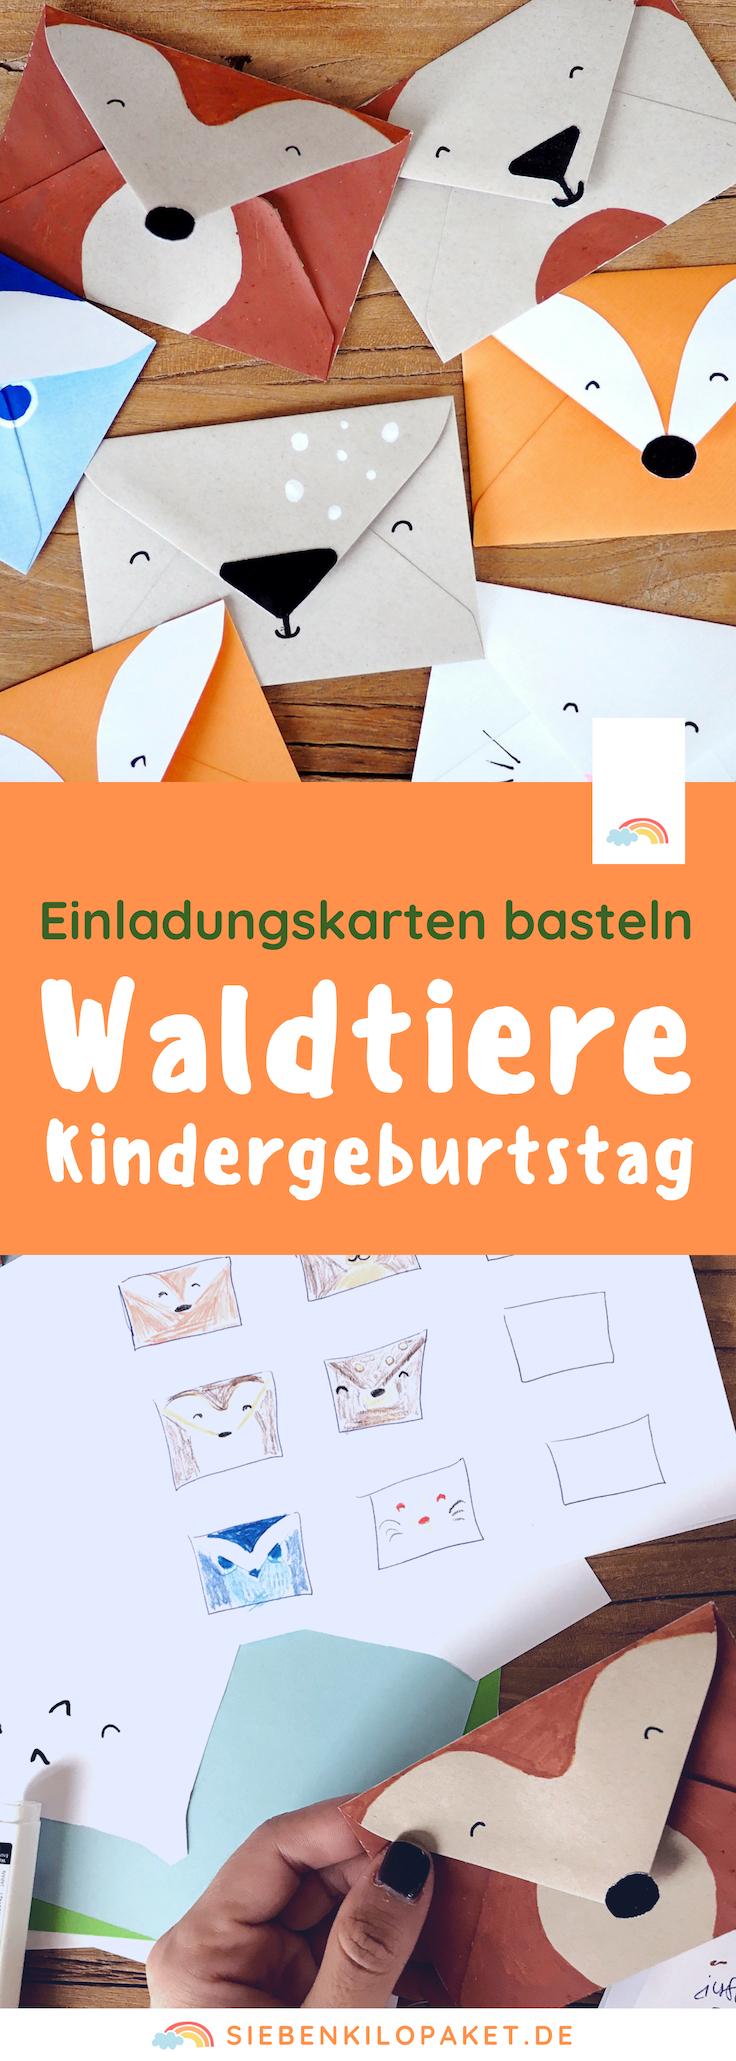 Einladung Kindergeburtstag basteln Waldtiere Mottoparty Woodland Kindergeburtstag 4 Jahre Bastelideen